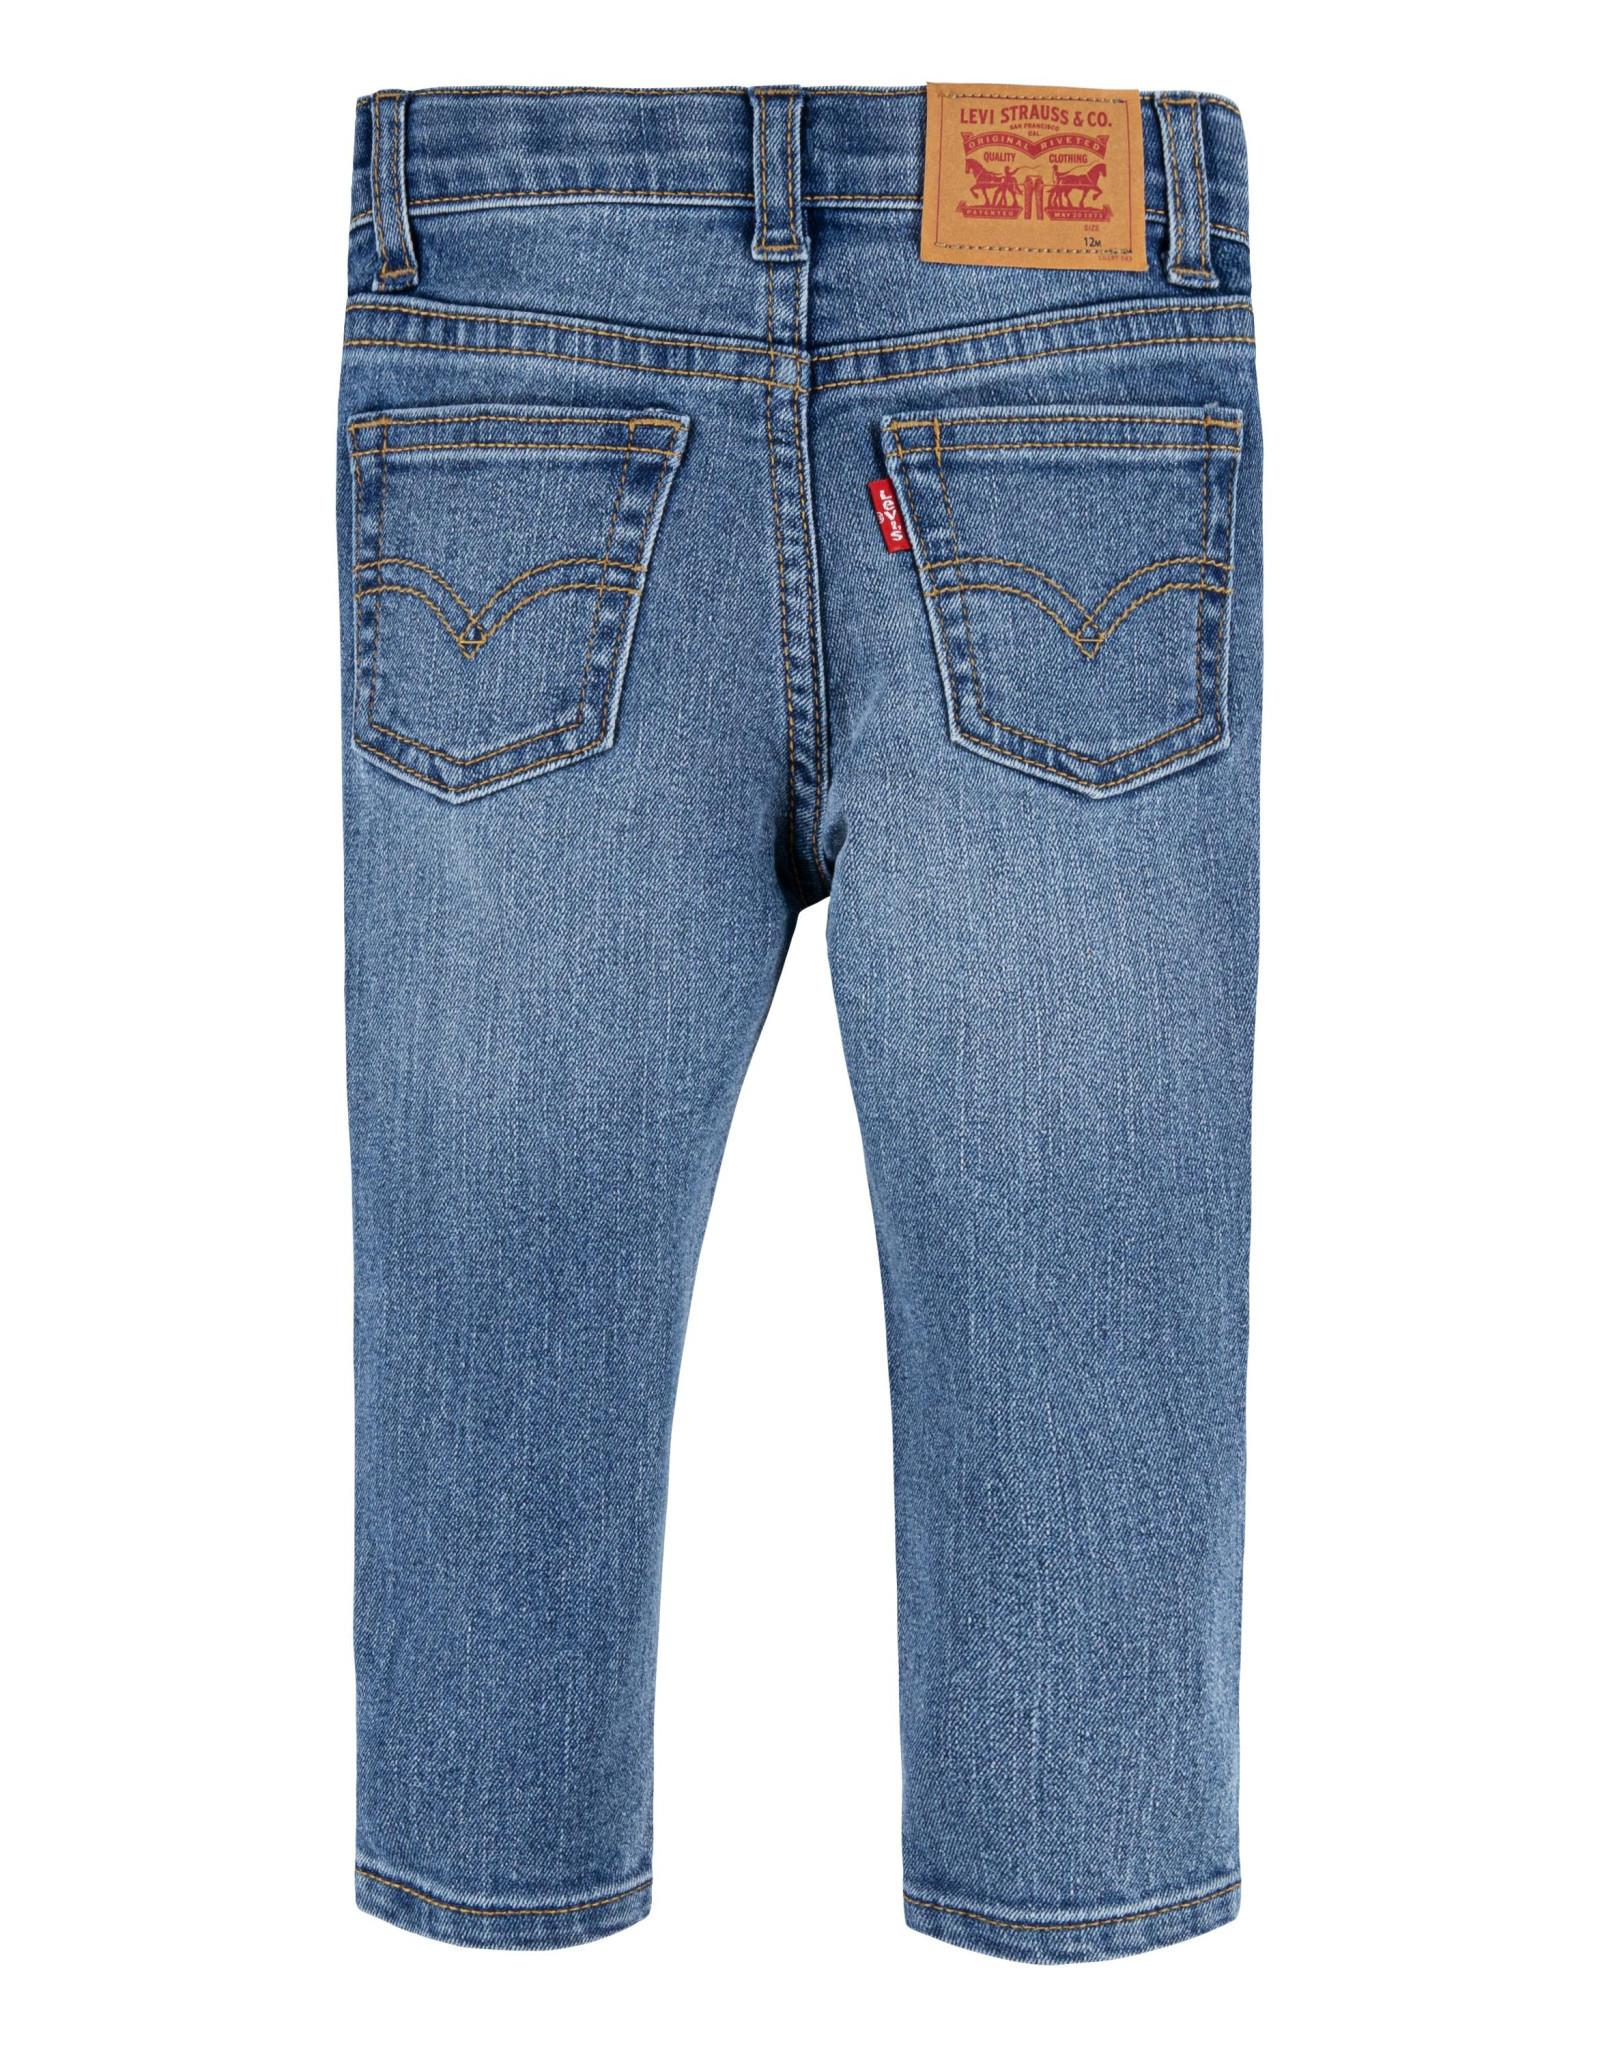 LEVI'S LEVI'S skinny denim jeans milestone